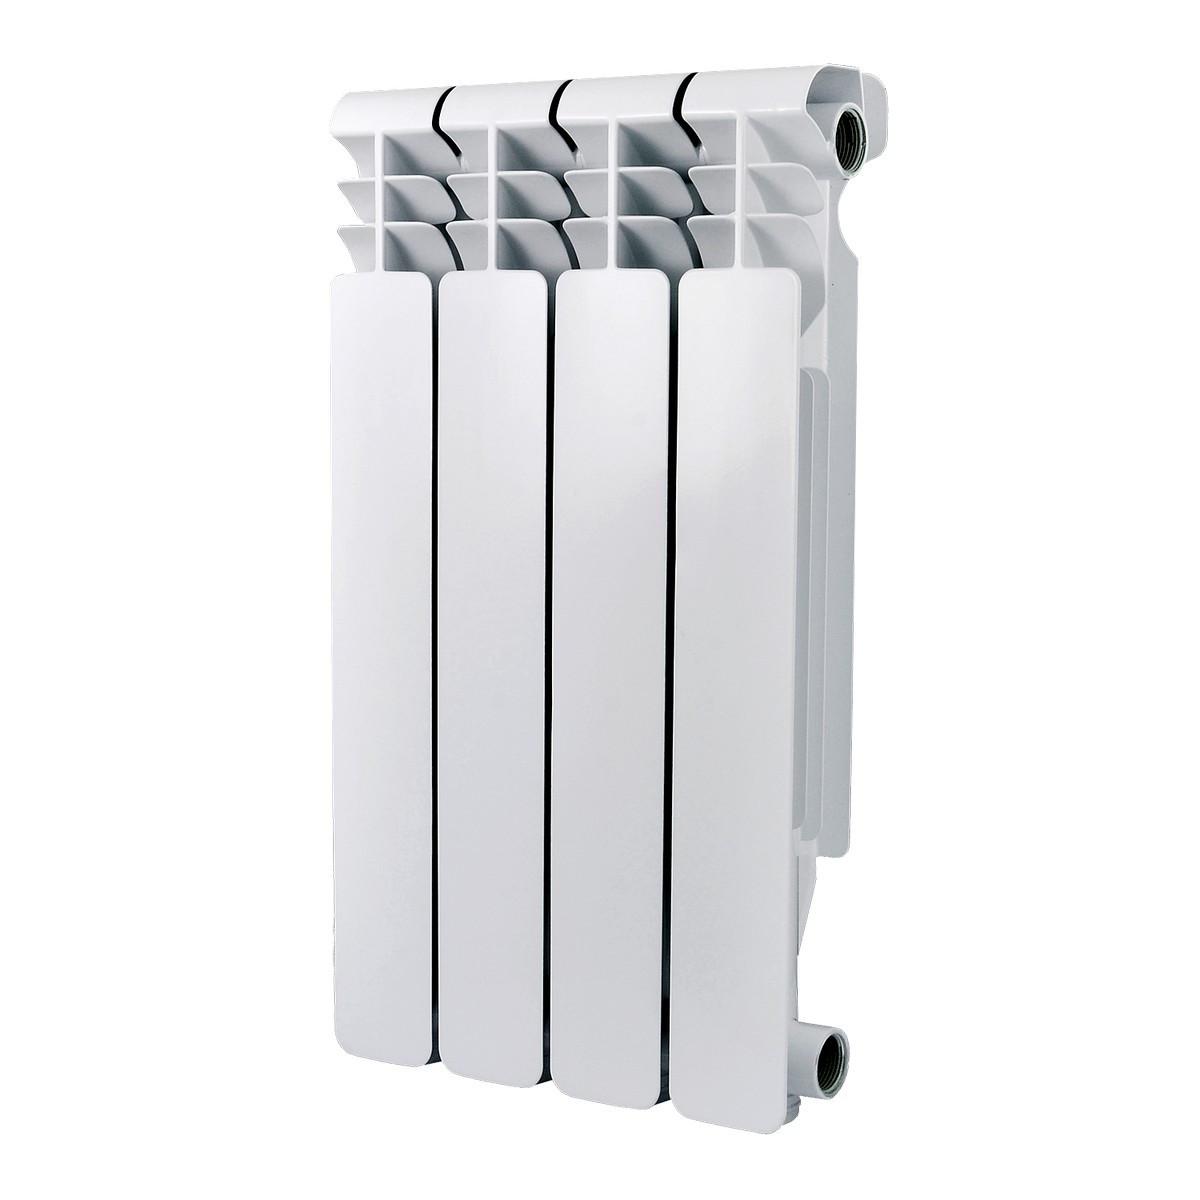 Радиатор алюминий Classic 200 6 секций 0,768кВт Ogint 117-5997